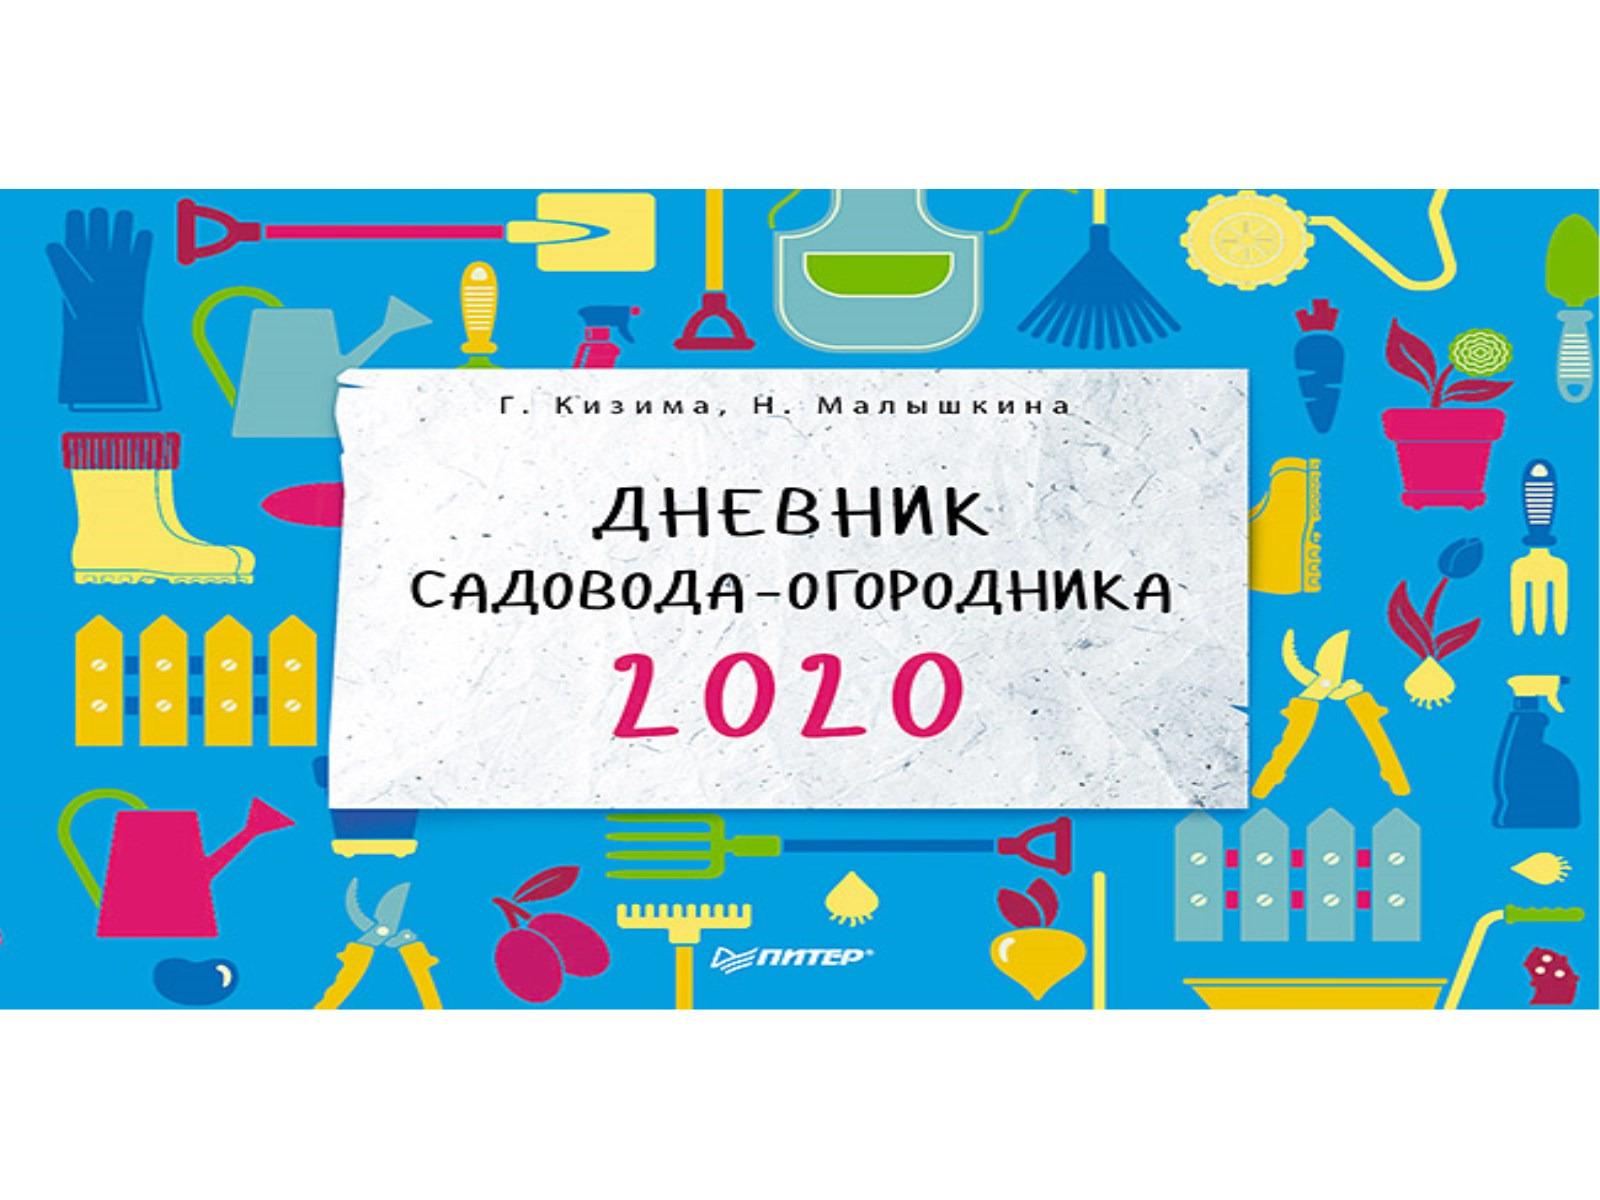 Г. Кизима, Н. Малышкина Дневник садовода-огородника на 2020 год